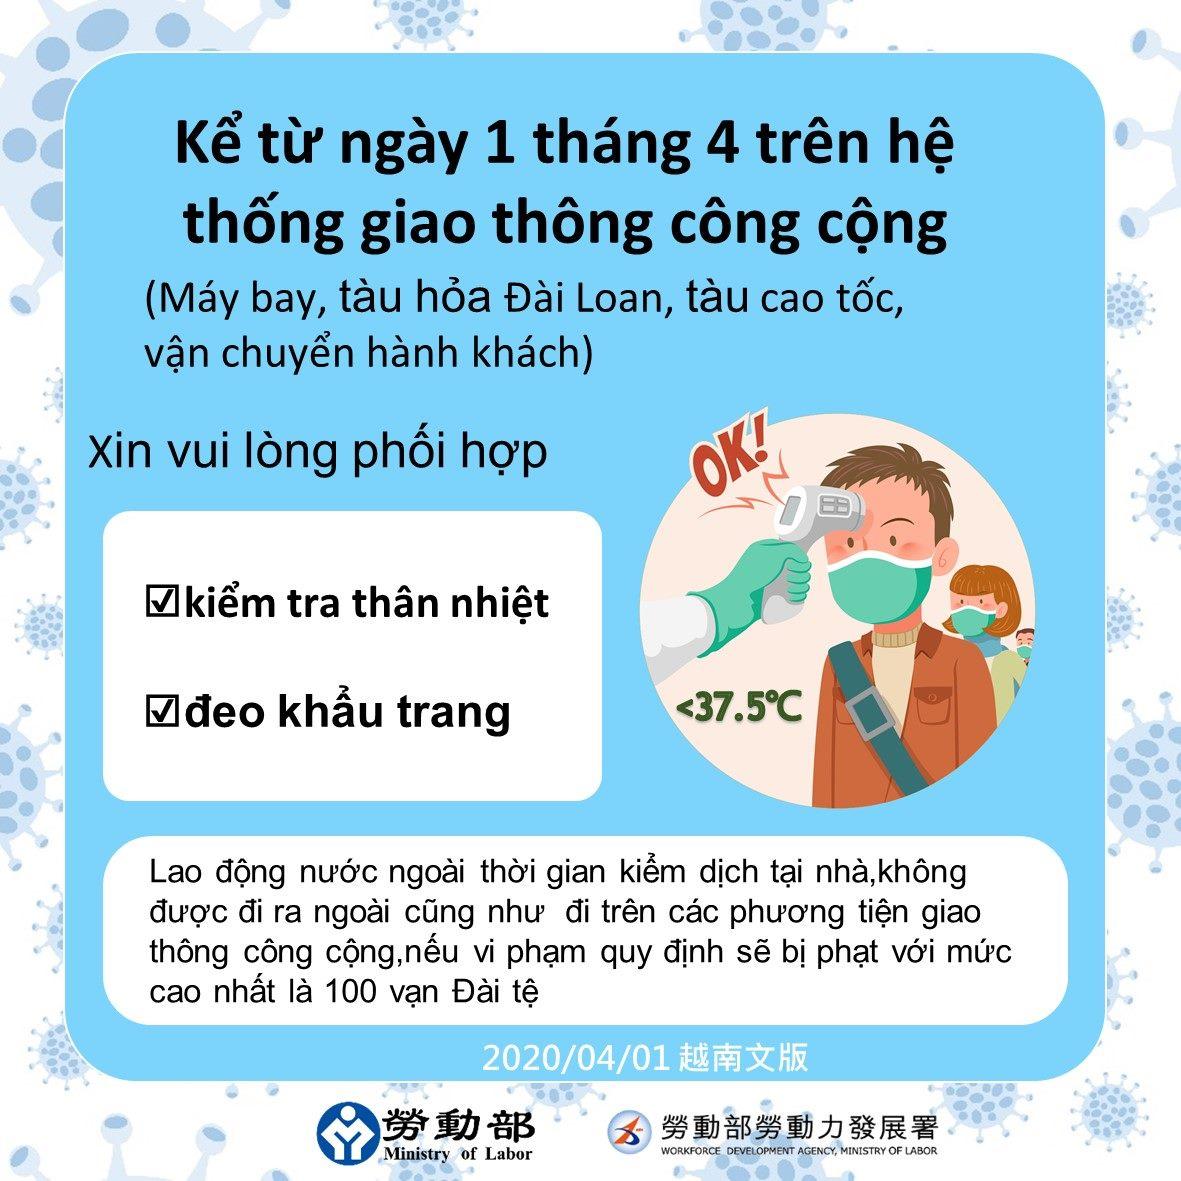 自4月1日起搭乘大眾運輸系統請配合測量體溫戴口罩-越南文